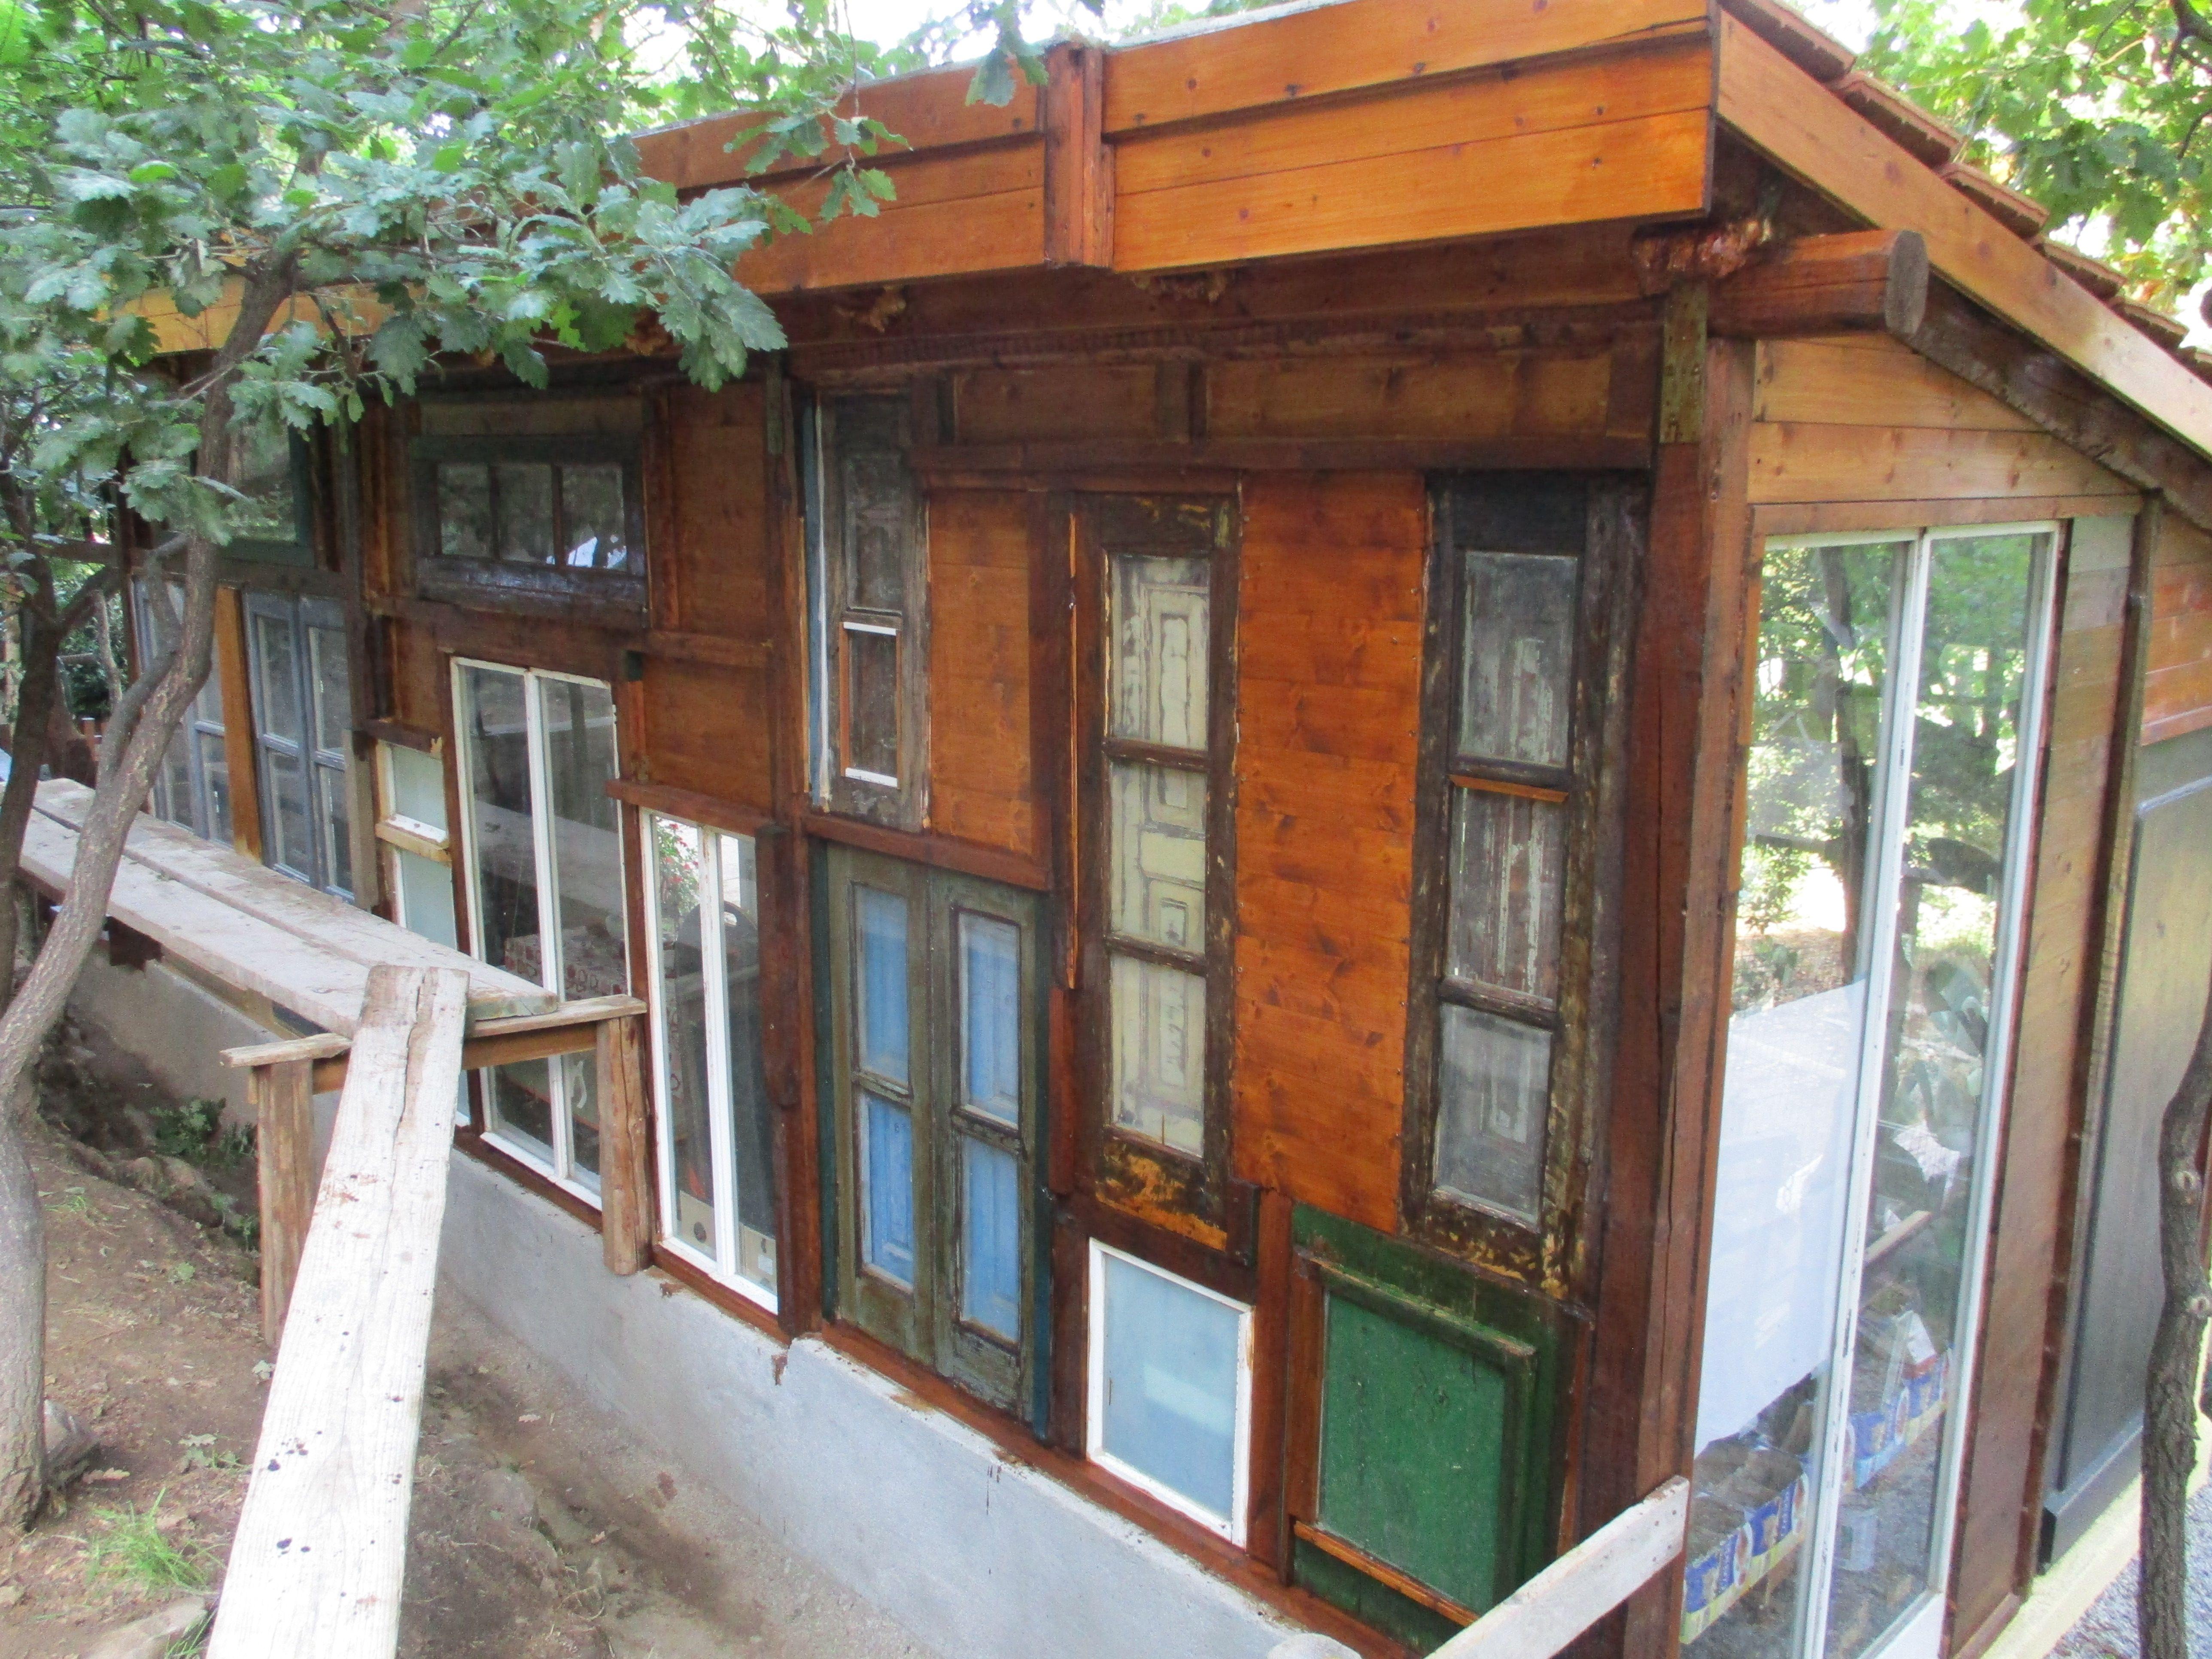 Das Gartenhaus besteht eigentlich nur aus alten Fenstern